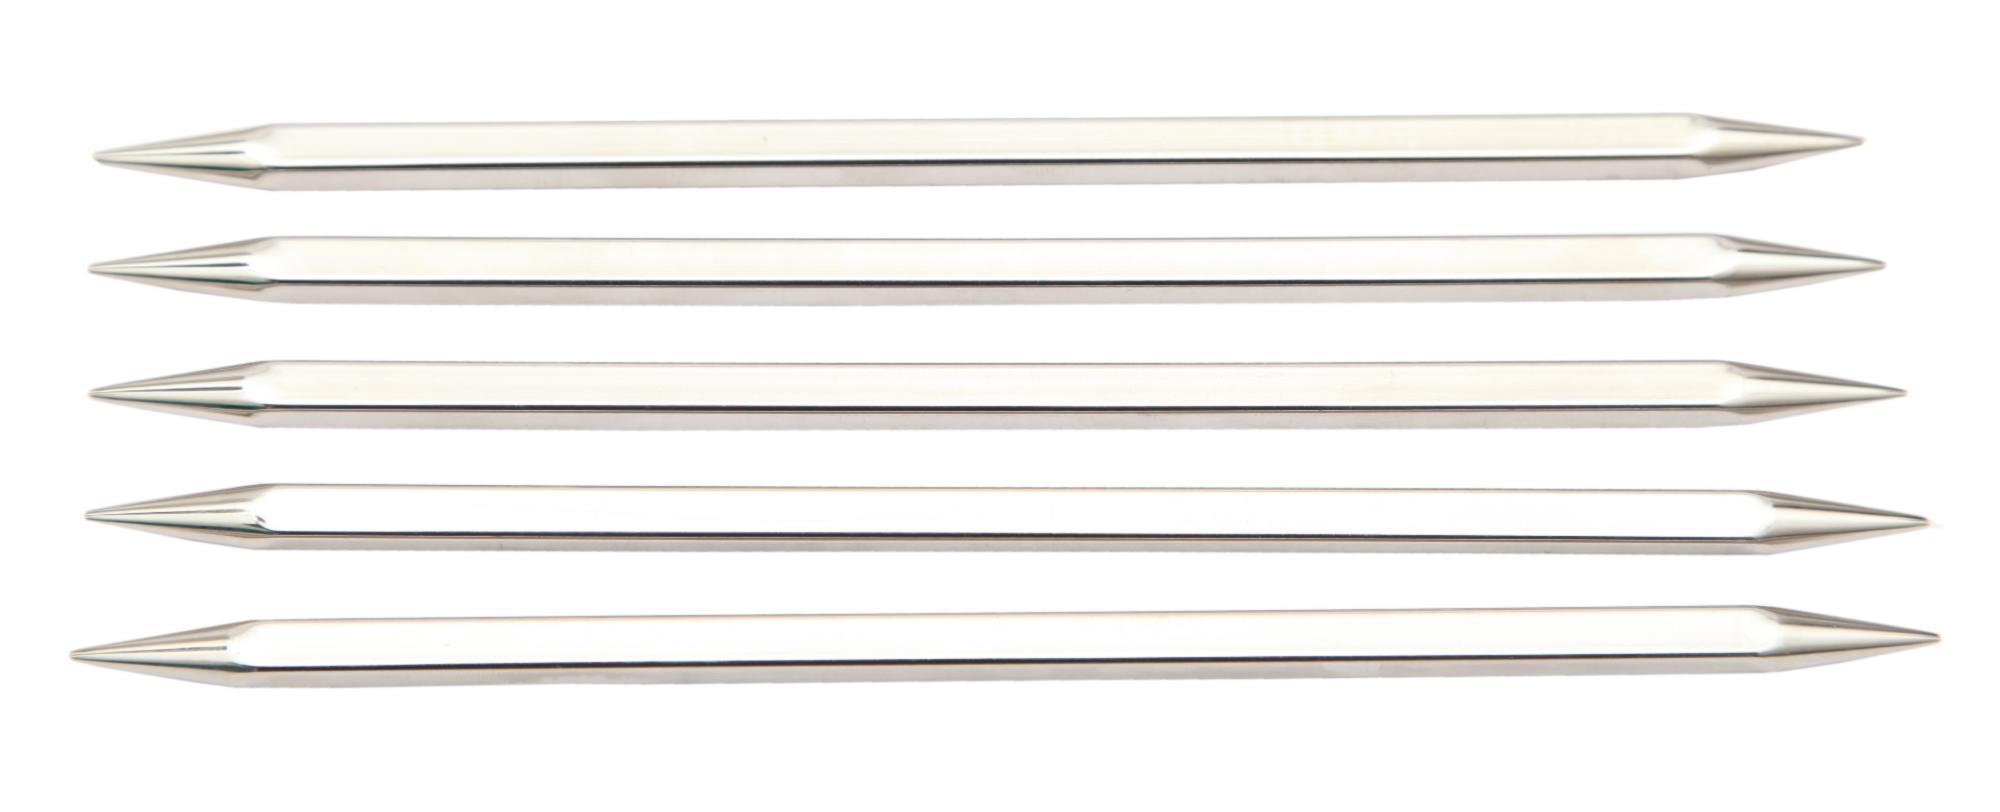 Спицы носочные 20 см Nova Cubics KnitPro, 12126, 3.25 мм